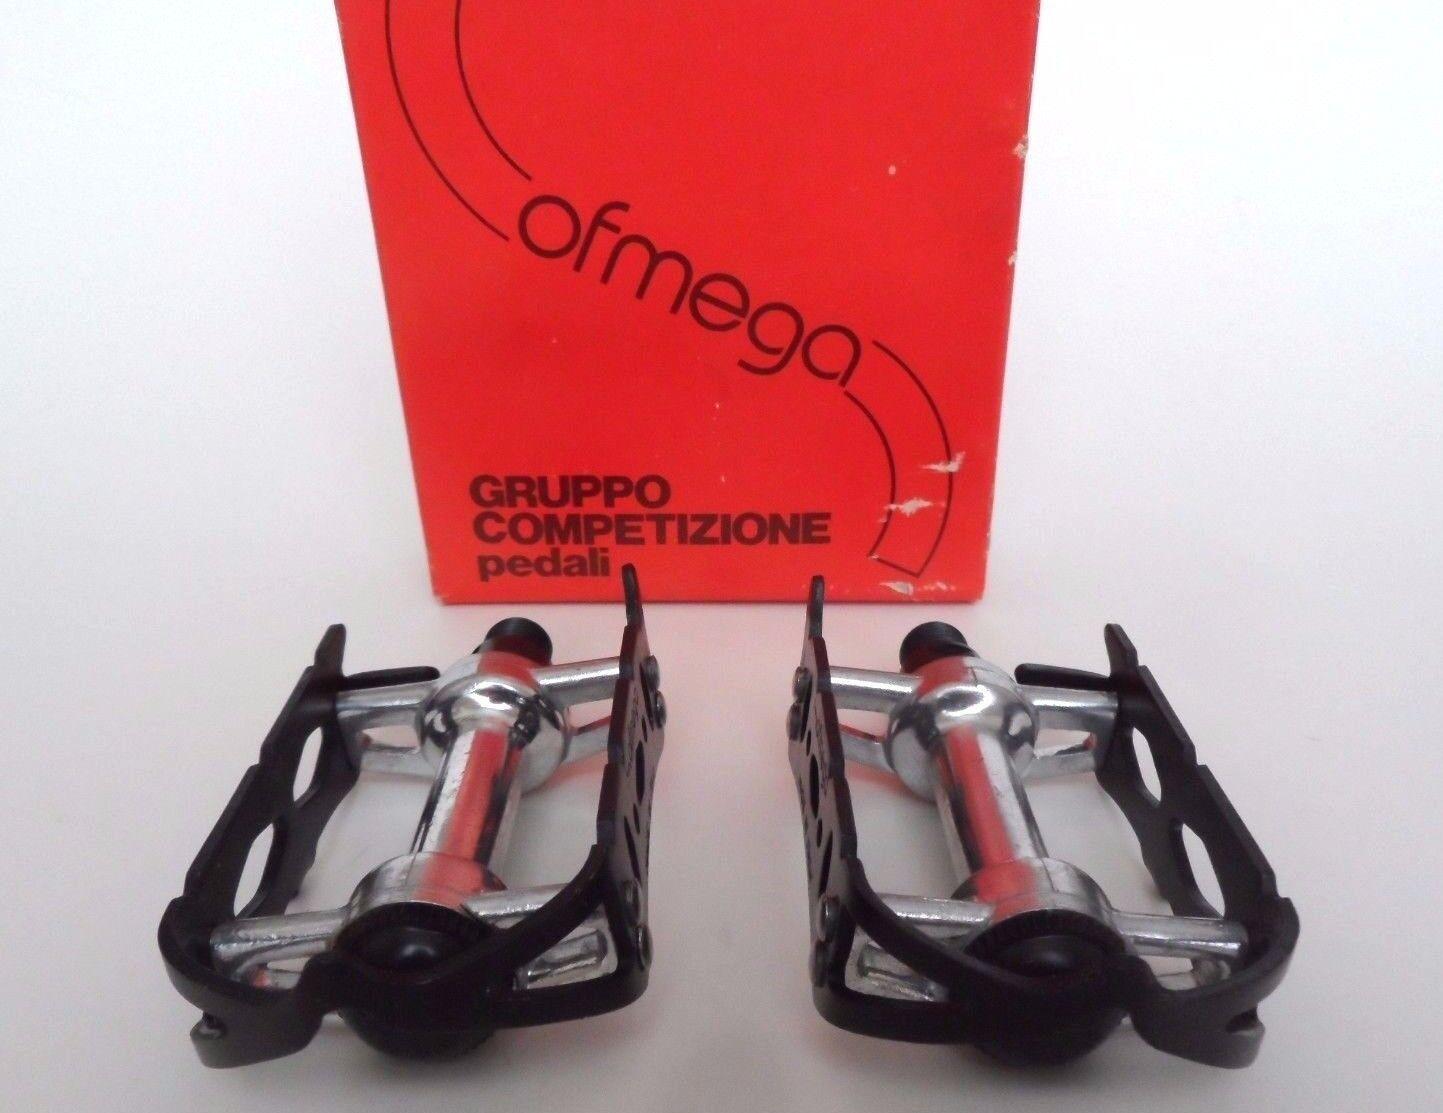 NOS Vintage 1980s OFMEGA Competizione (super record era italiano de carretera pedales)